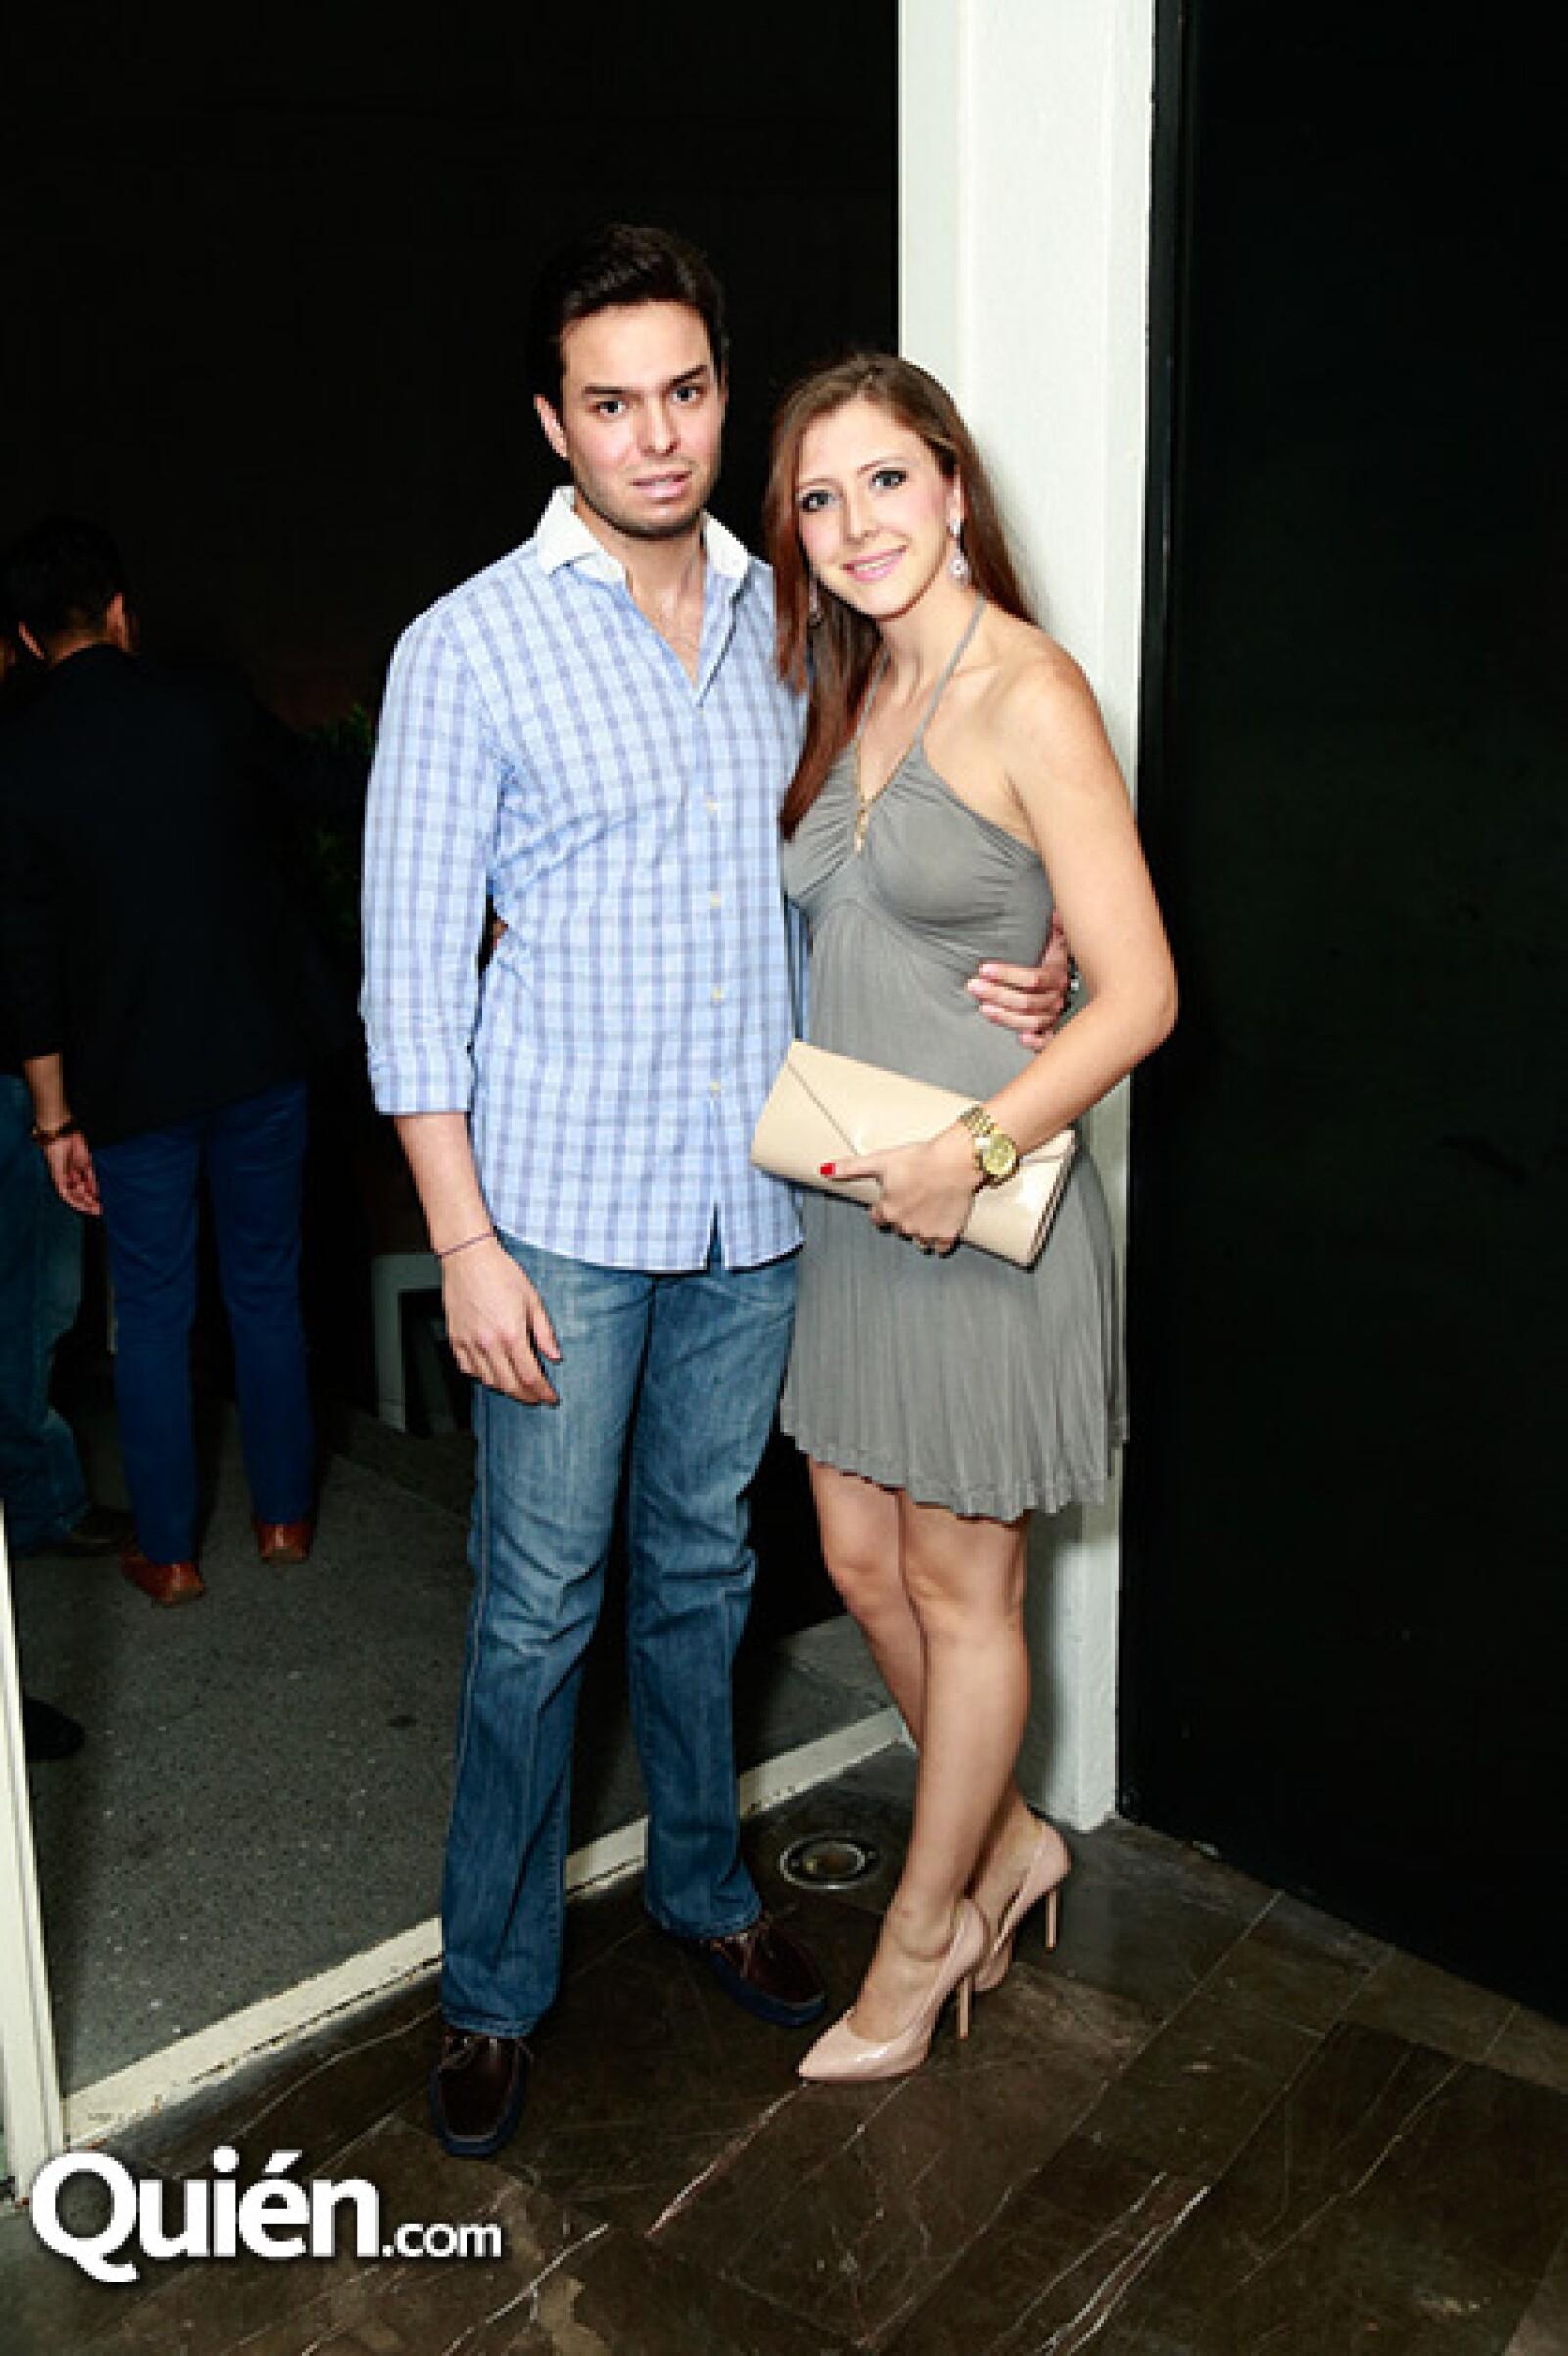 Francisco Cue y Susana Bonada